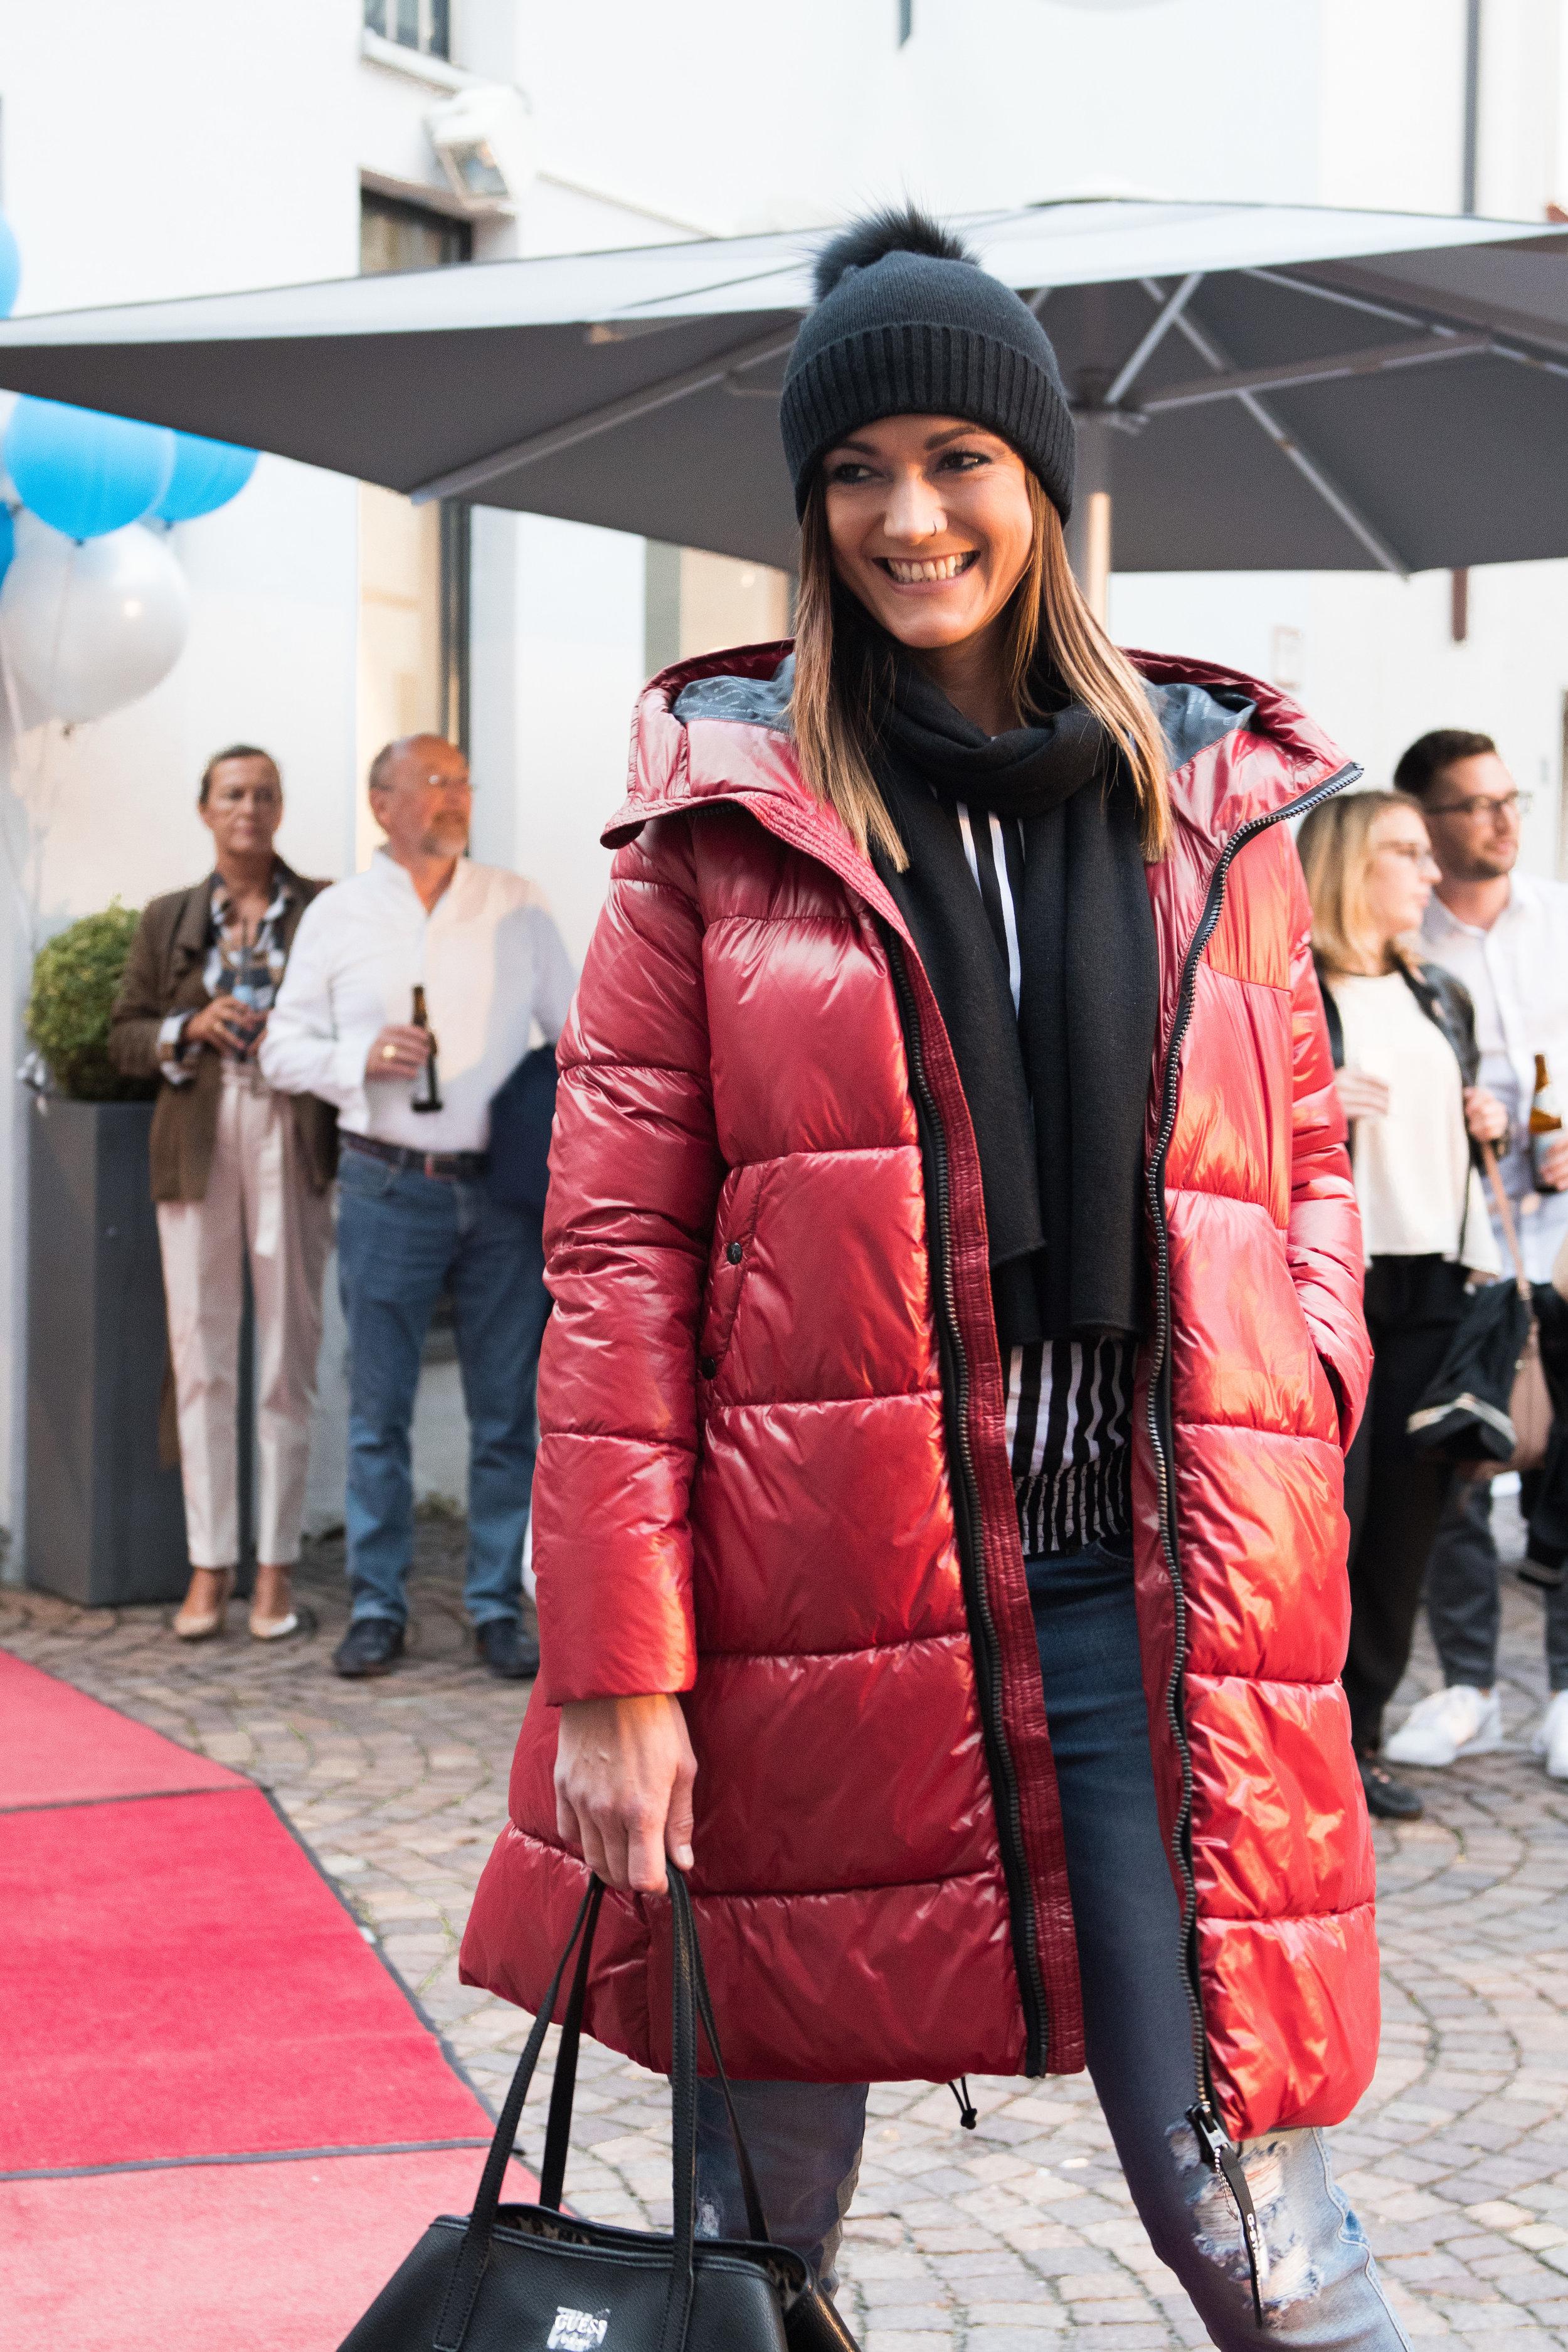 Fashionshowbackstage_2.jpg